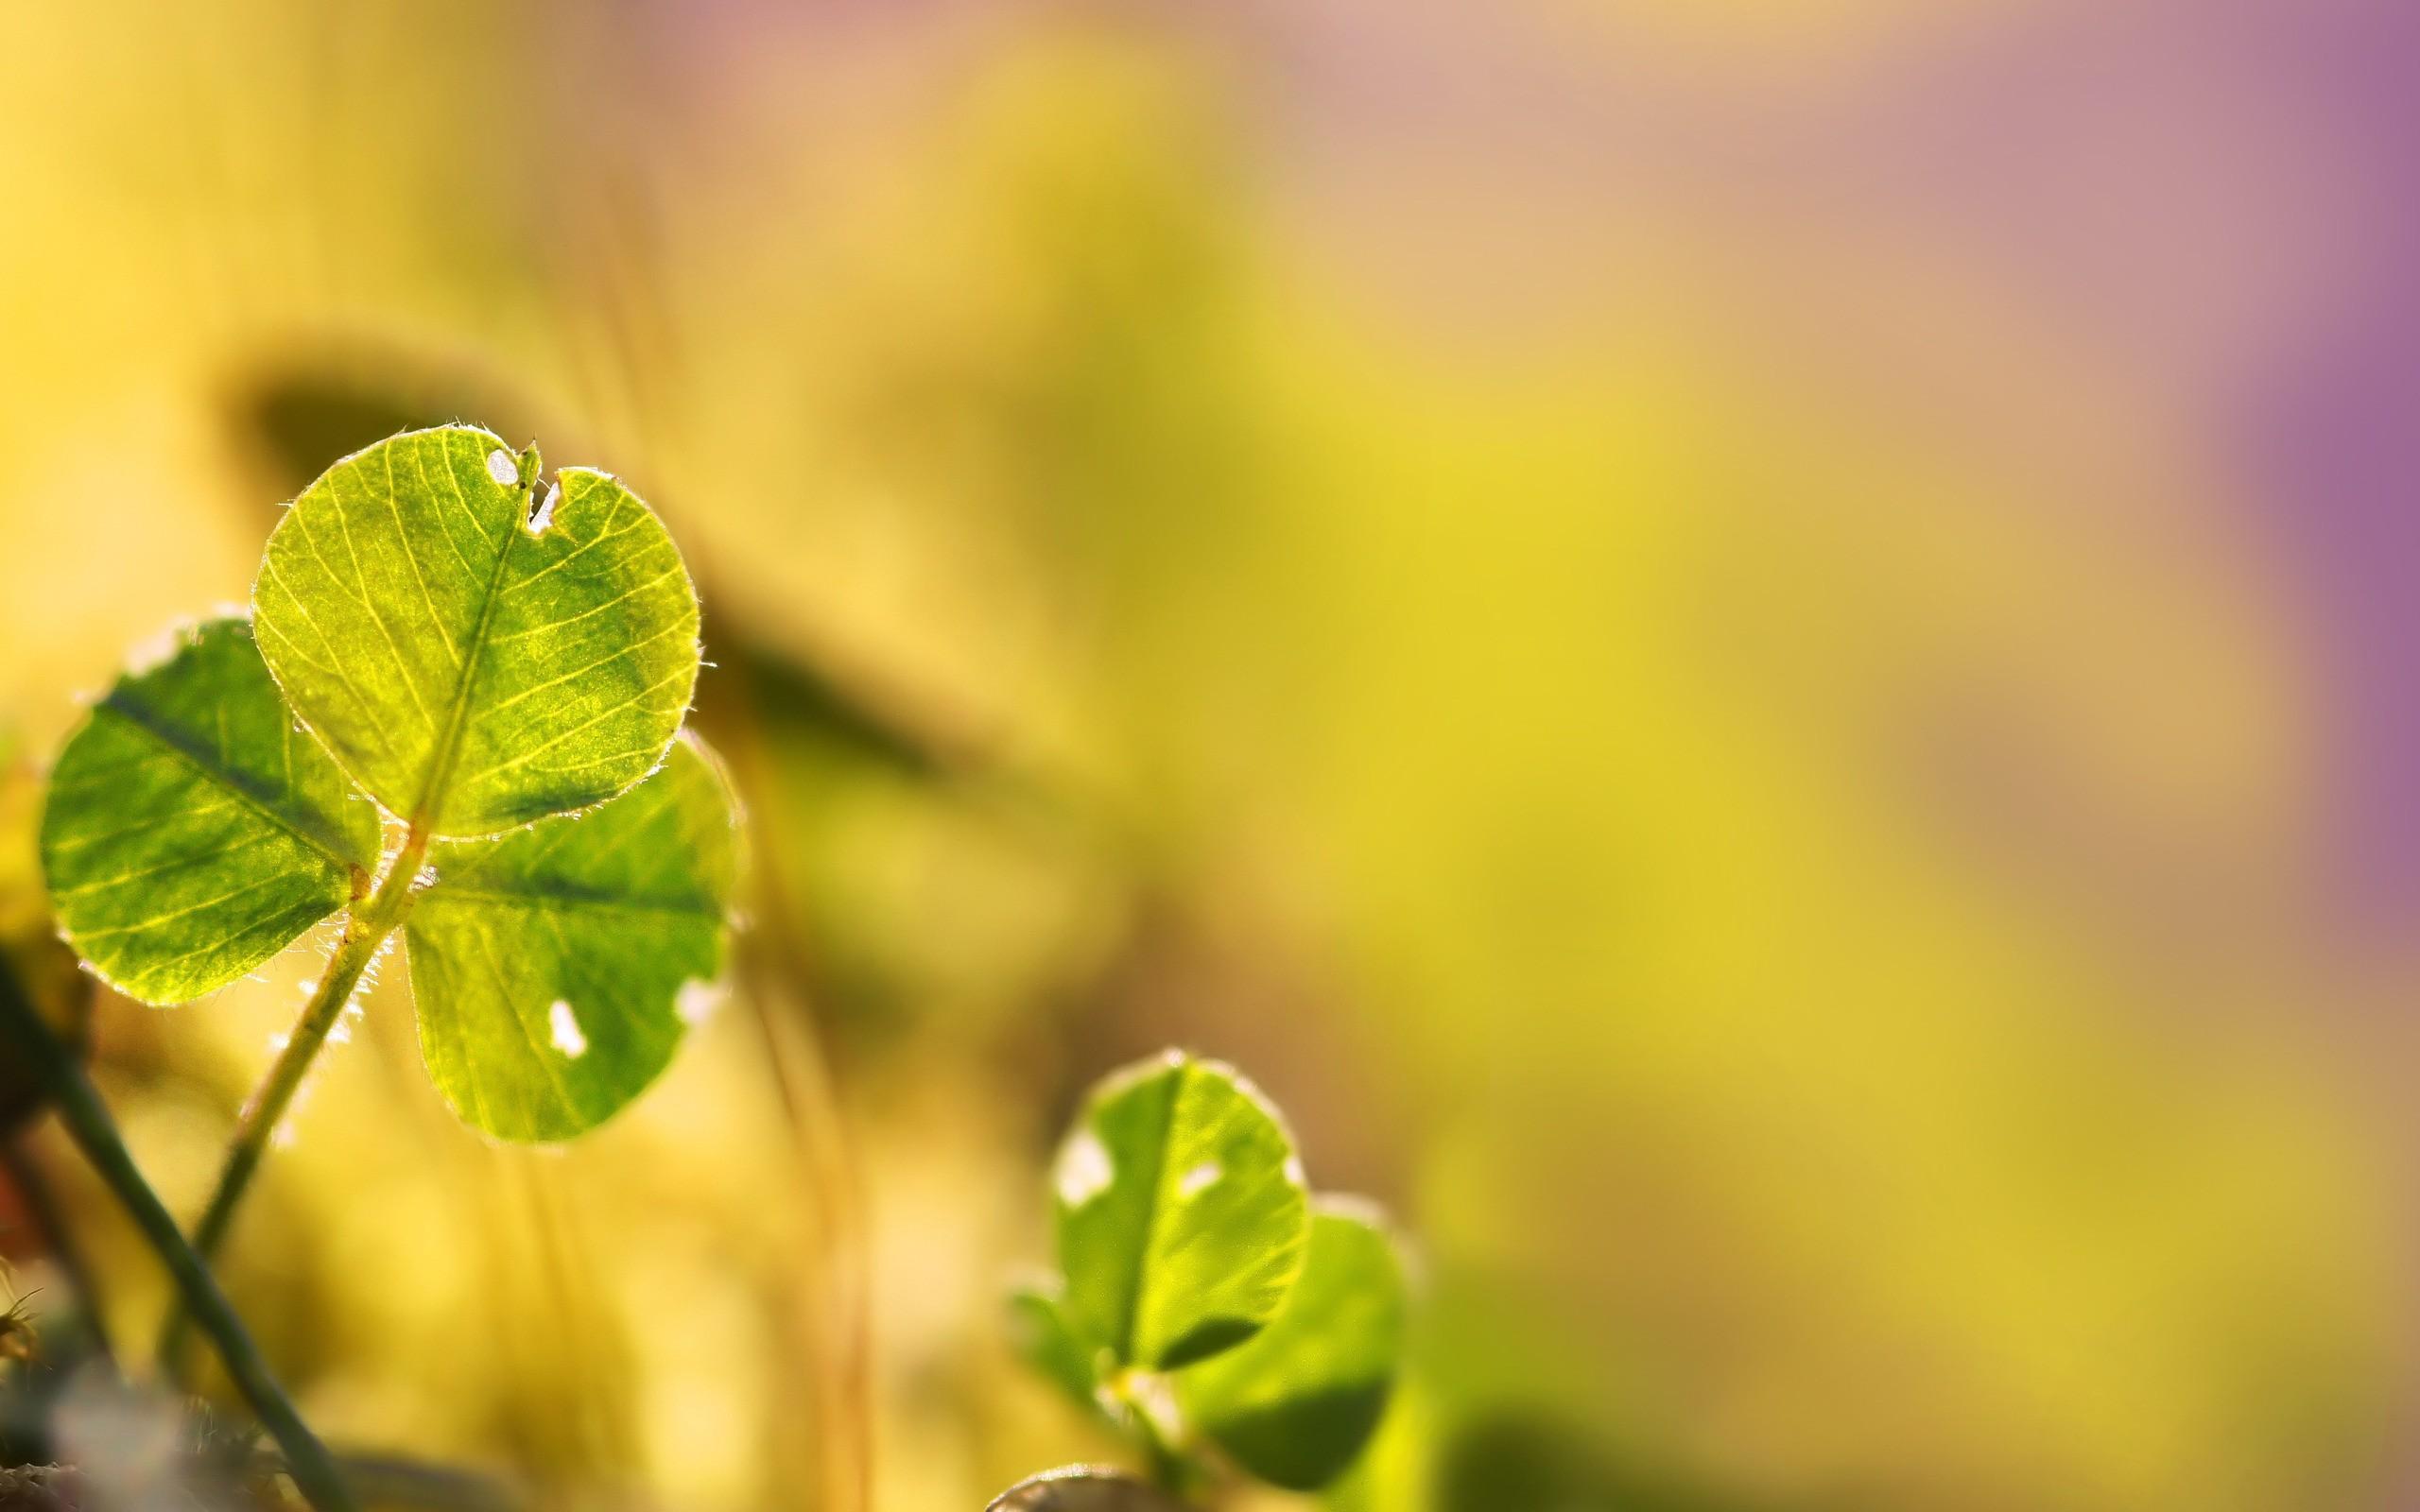 hình nền cỏ ba lá